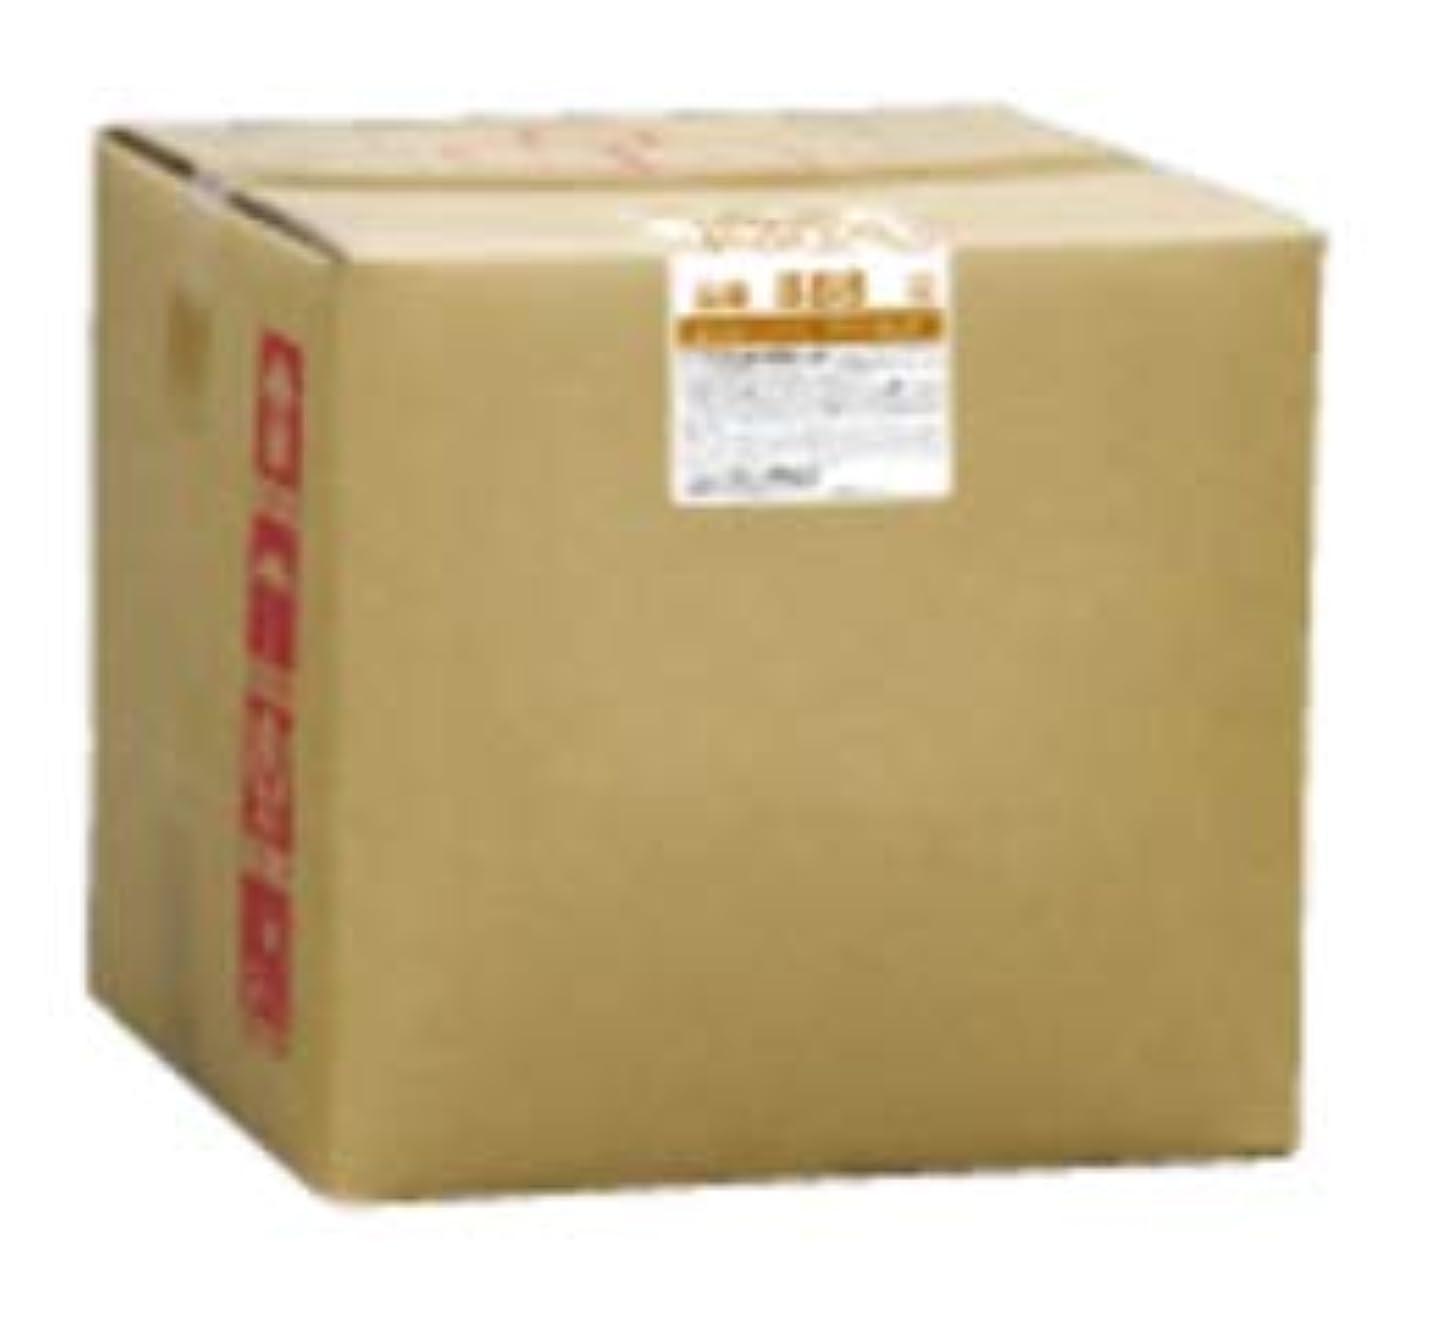 受け入れ頬現れるフタバ化学 スパジアス ボディソープ 18L 詰め替え 800ml専用空容器付 黒糖と蜂蜜